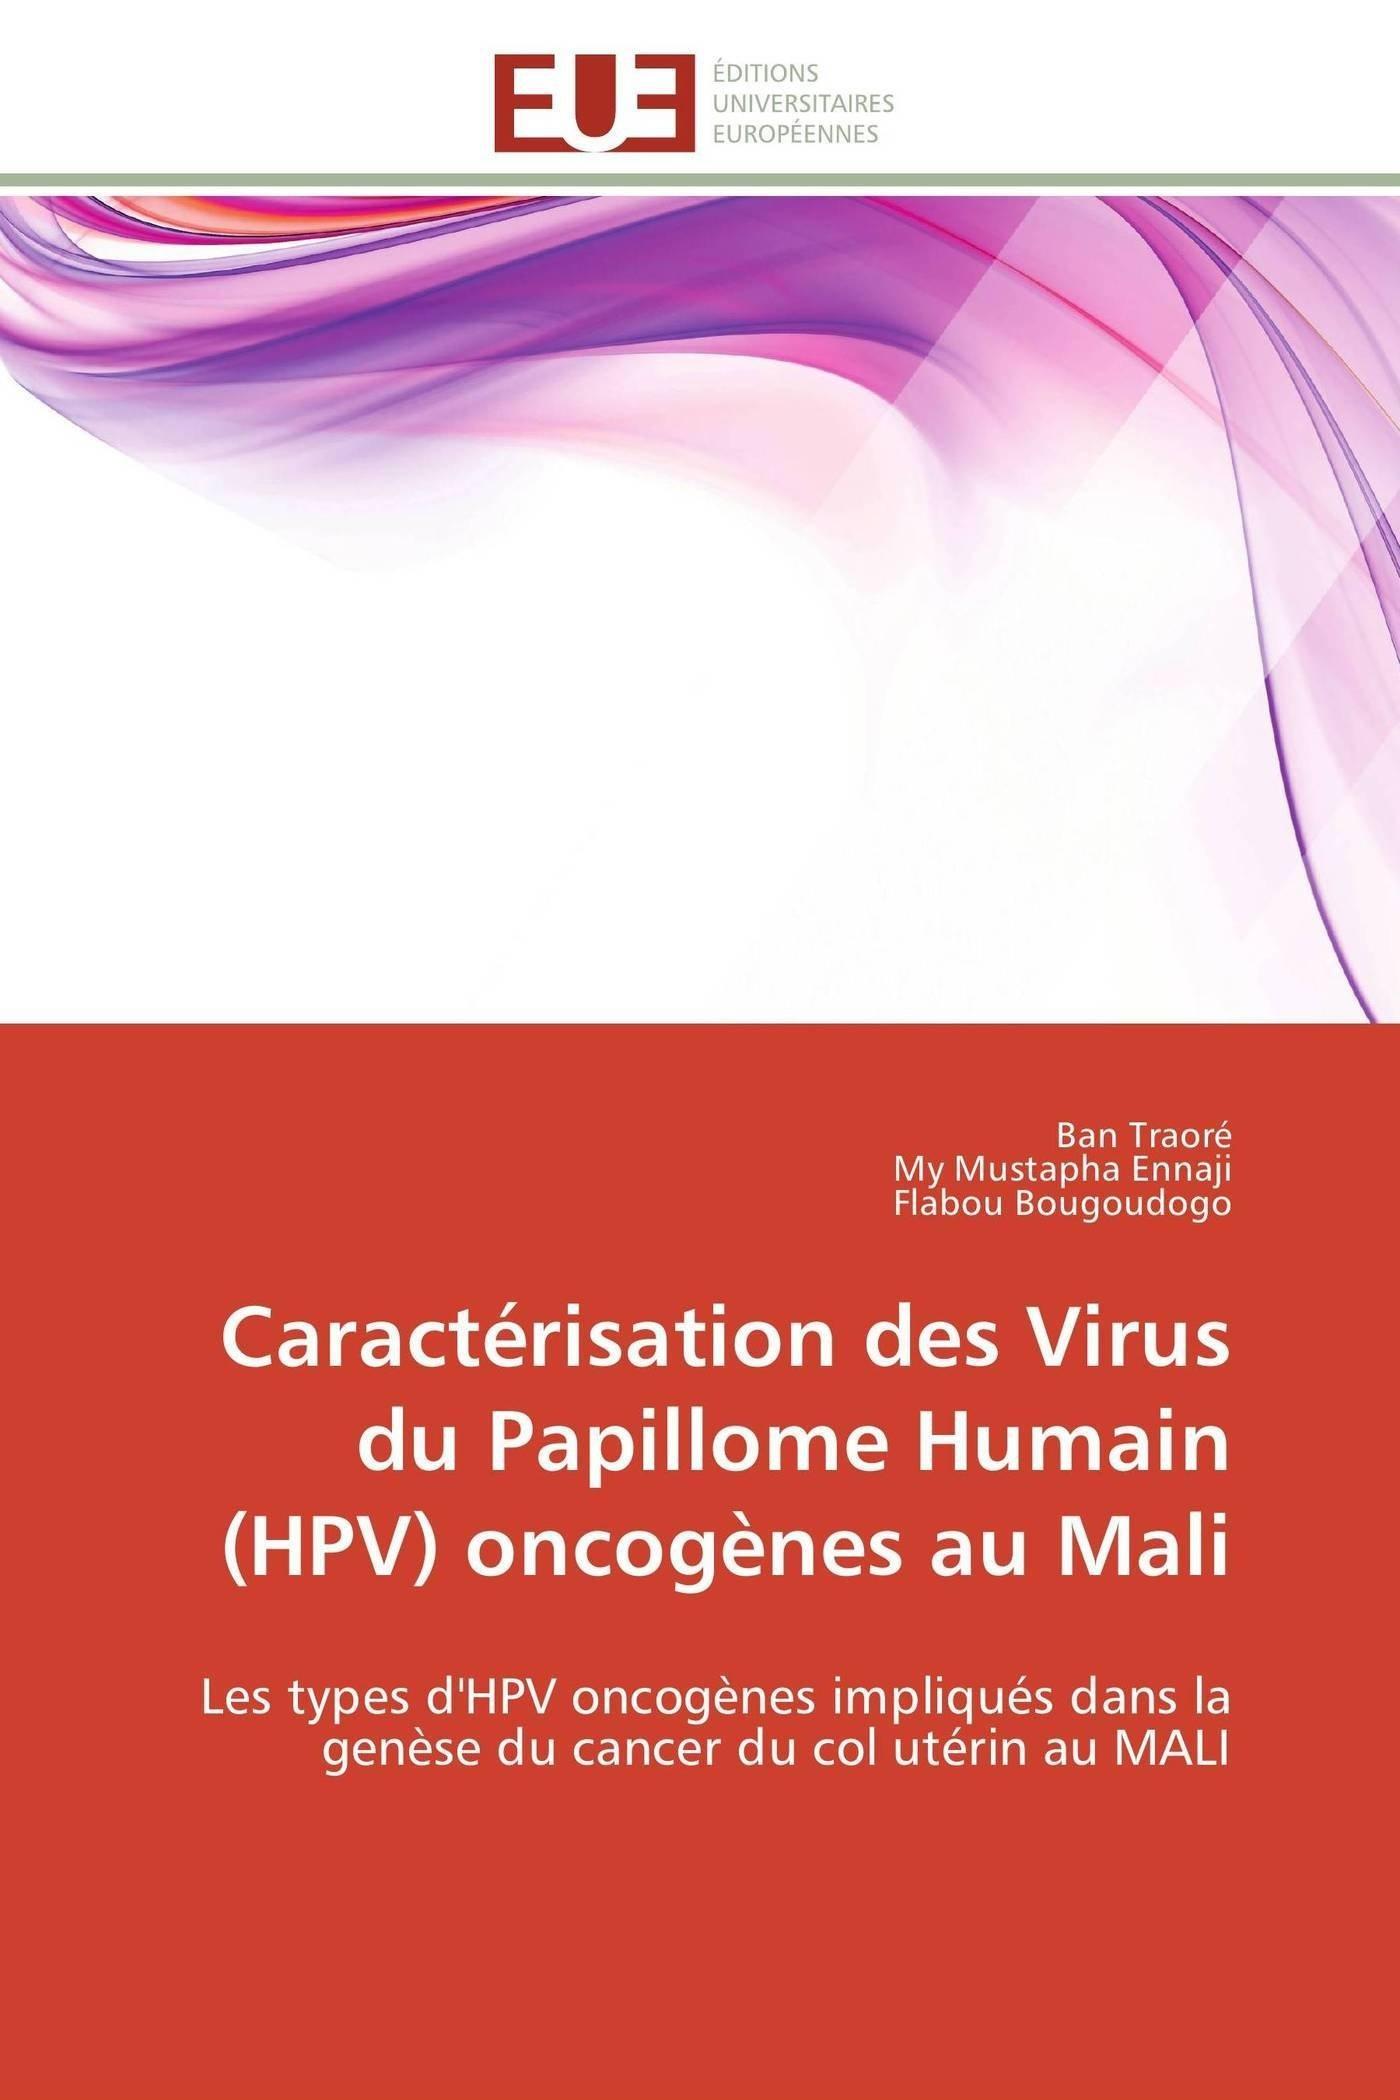 papillomavirus frequence